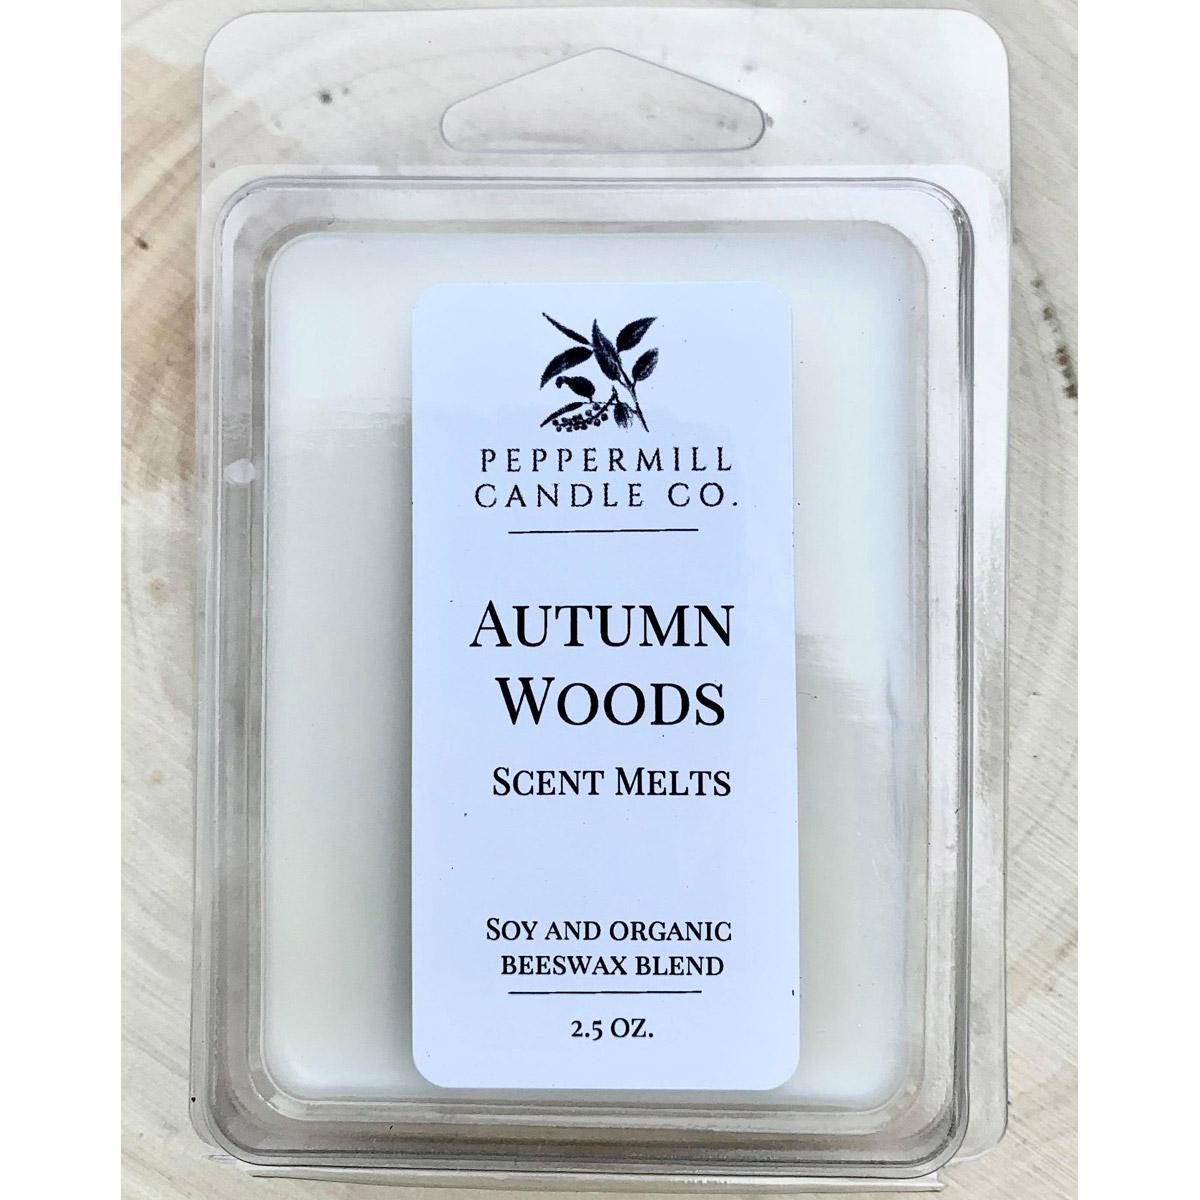 Autumn Woods Wax Melts